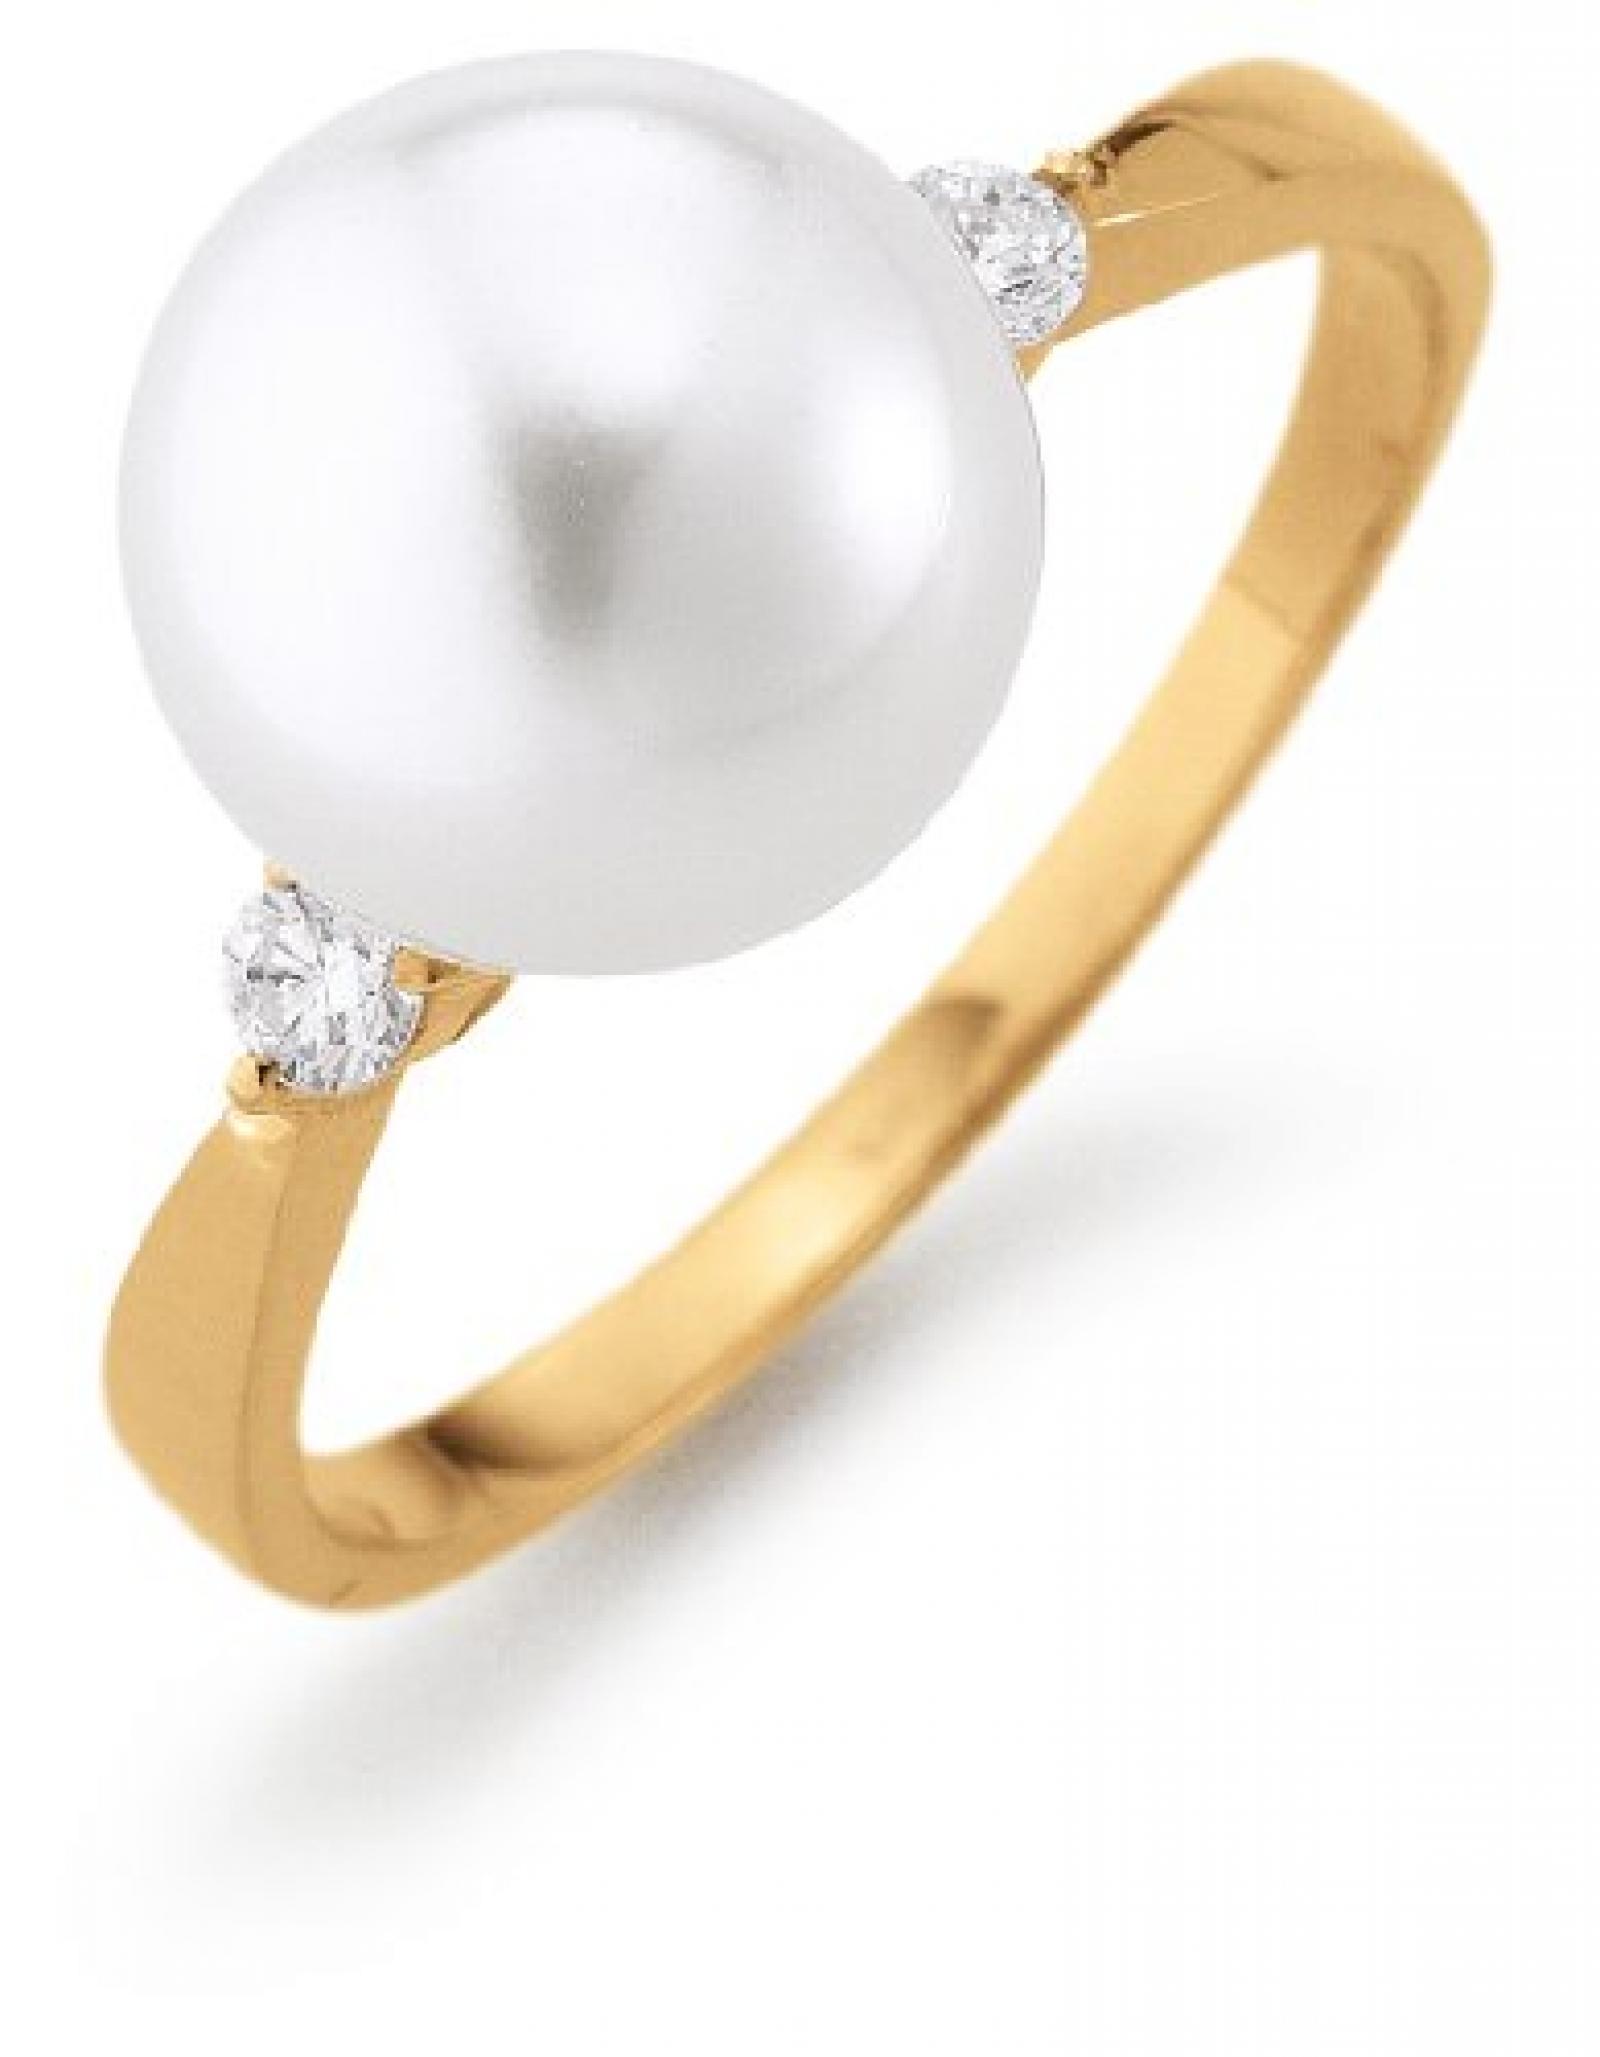 Adriana Damen-Ring Südsee Zuchtperle mit Brillant 585 Gelbgold Stella Di Notte N22